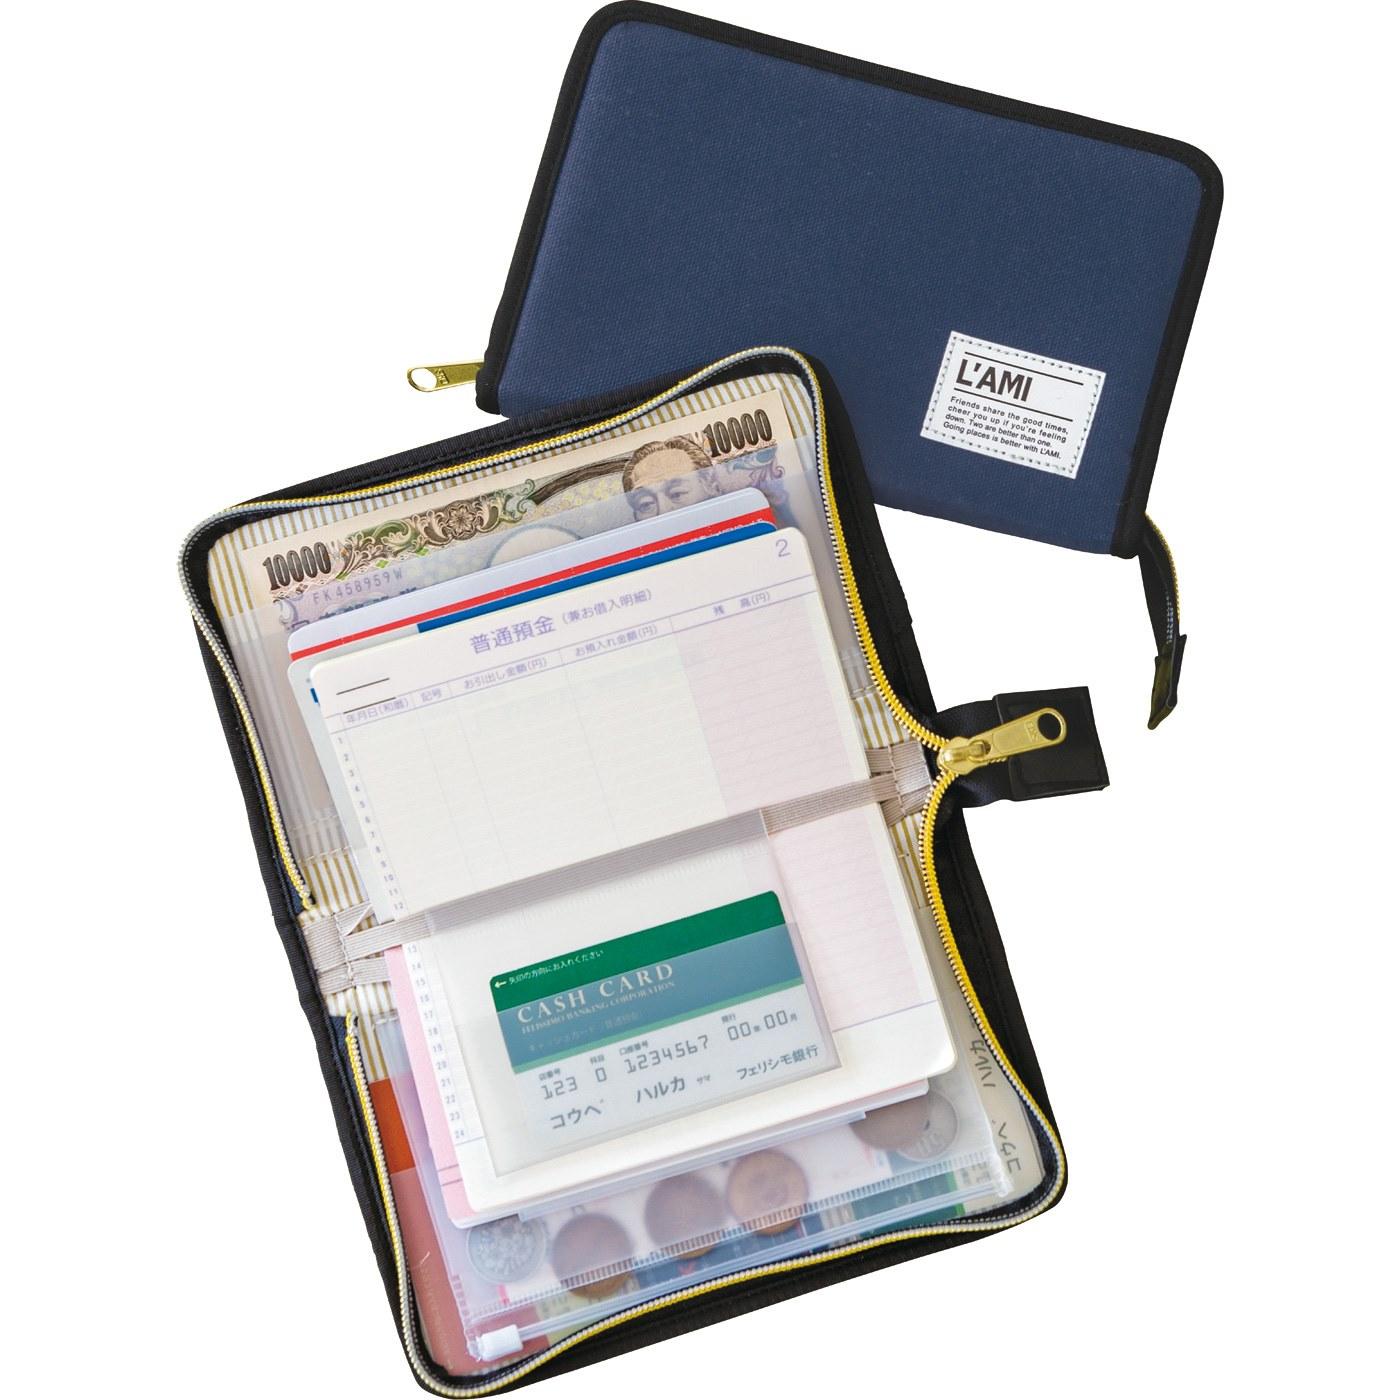 通帳とキャッシュカードを一緒に3セット収納OK。ぐるりと開閉するファスナーは、大切なものが落ちたり飛び出したりするのを防いで安心です。